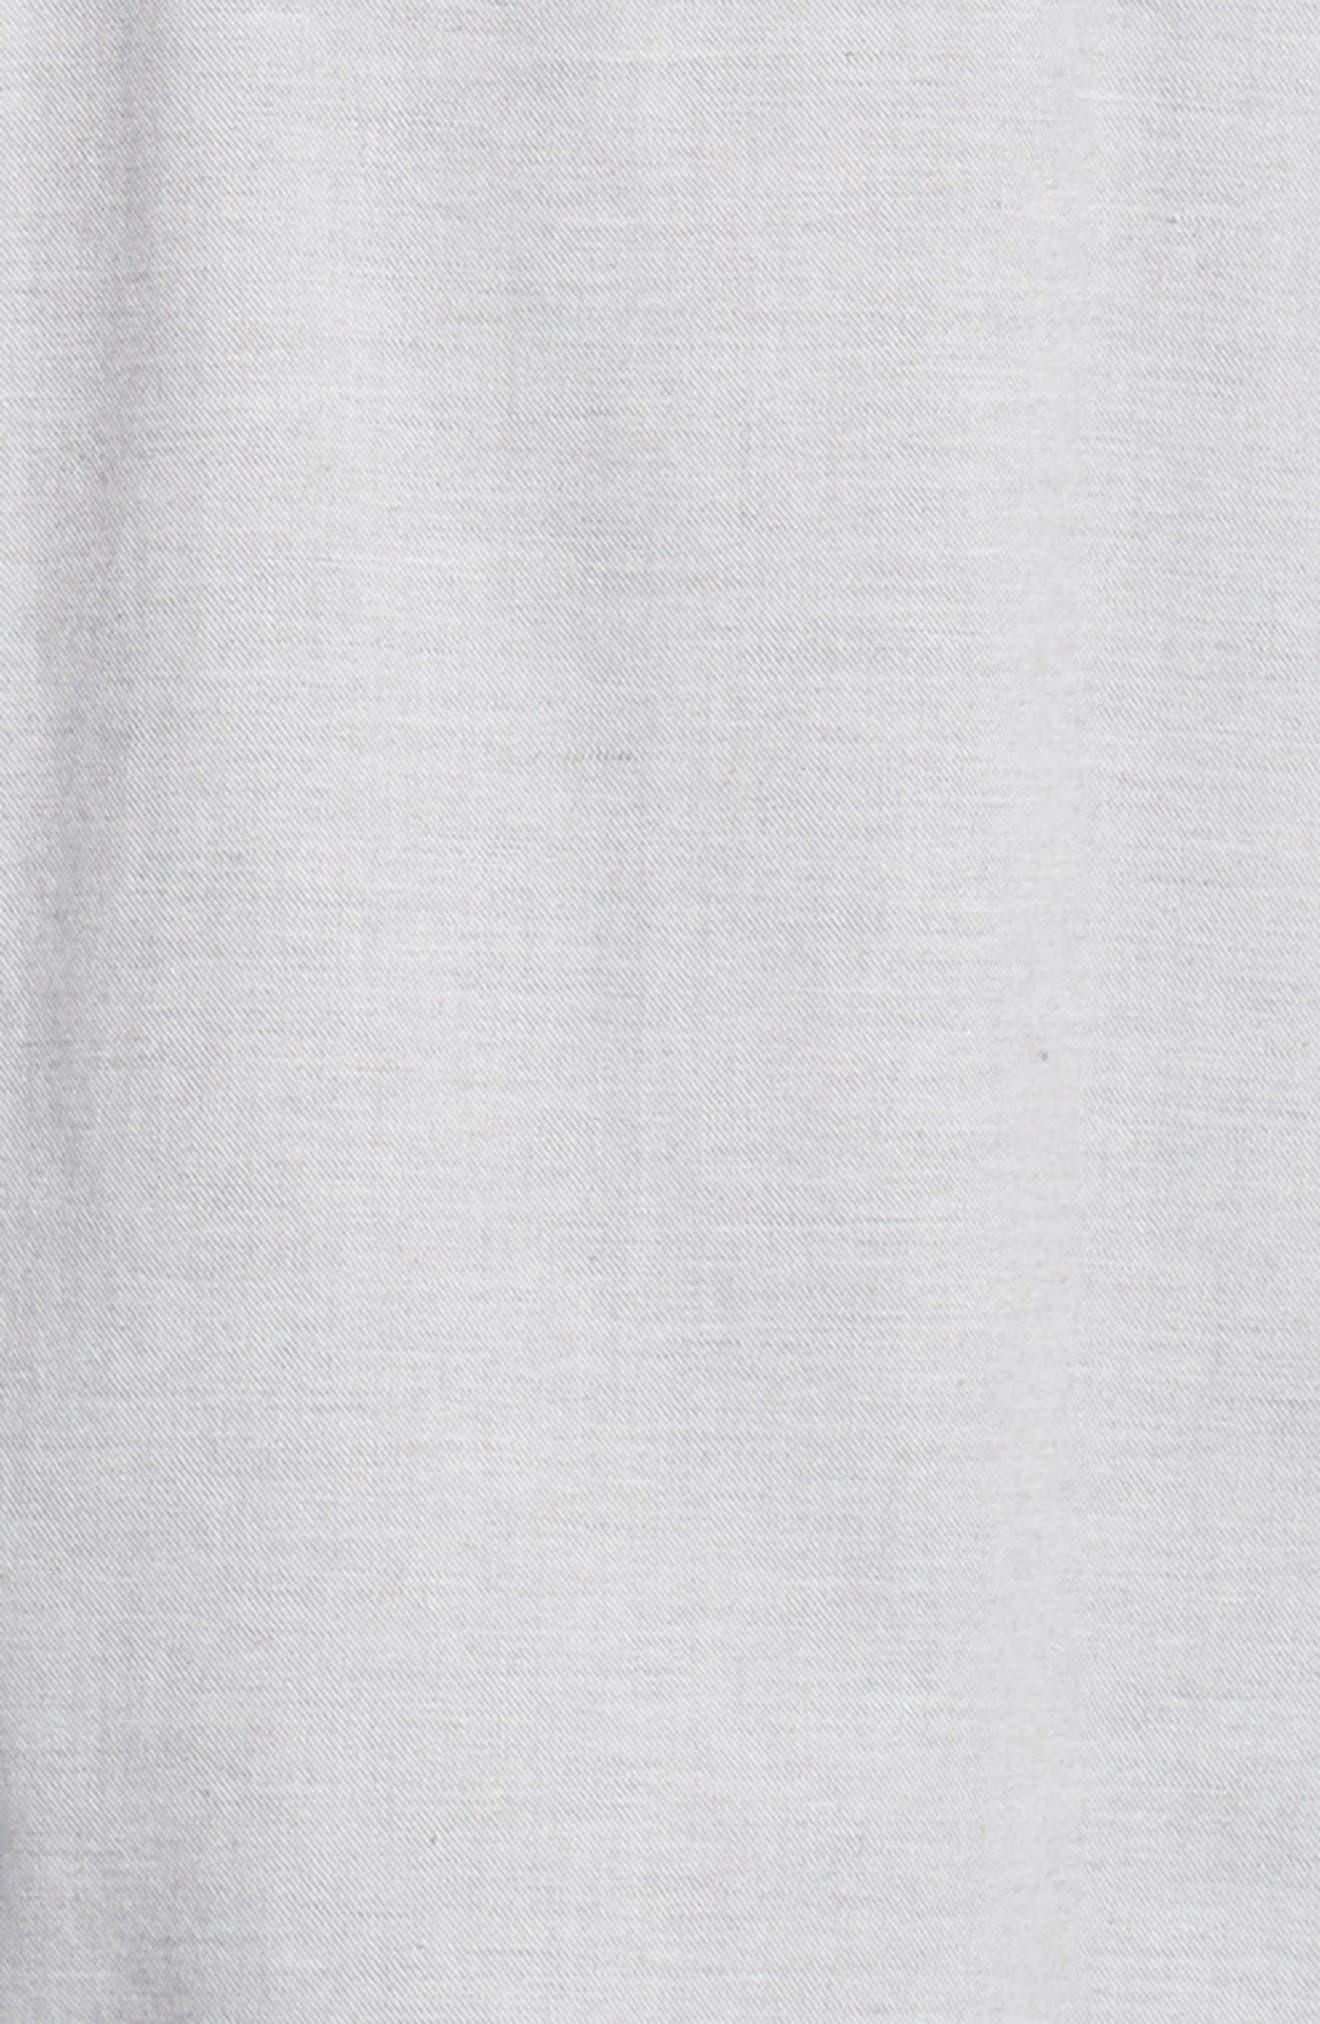 Rick Regular Fit Solid Sport Shirt,                             Alternate thumbnail 6, color,                             GREY MELANGE